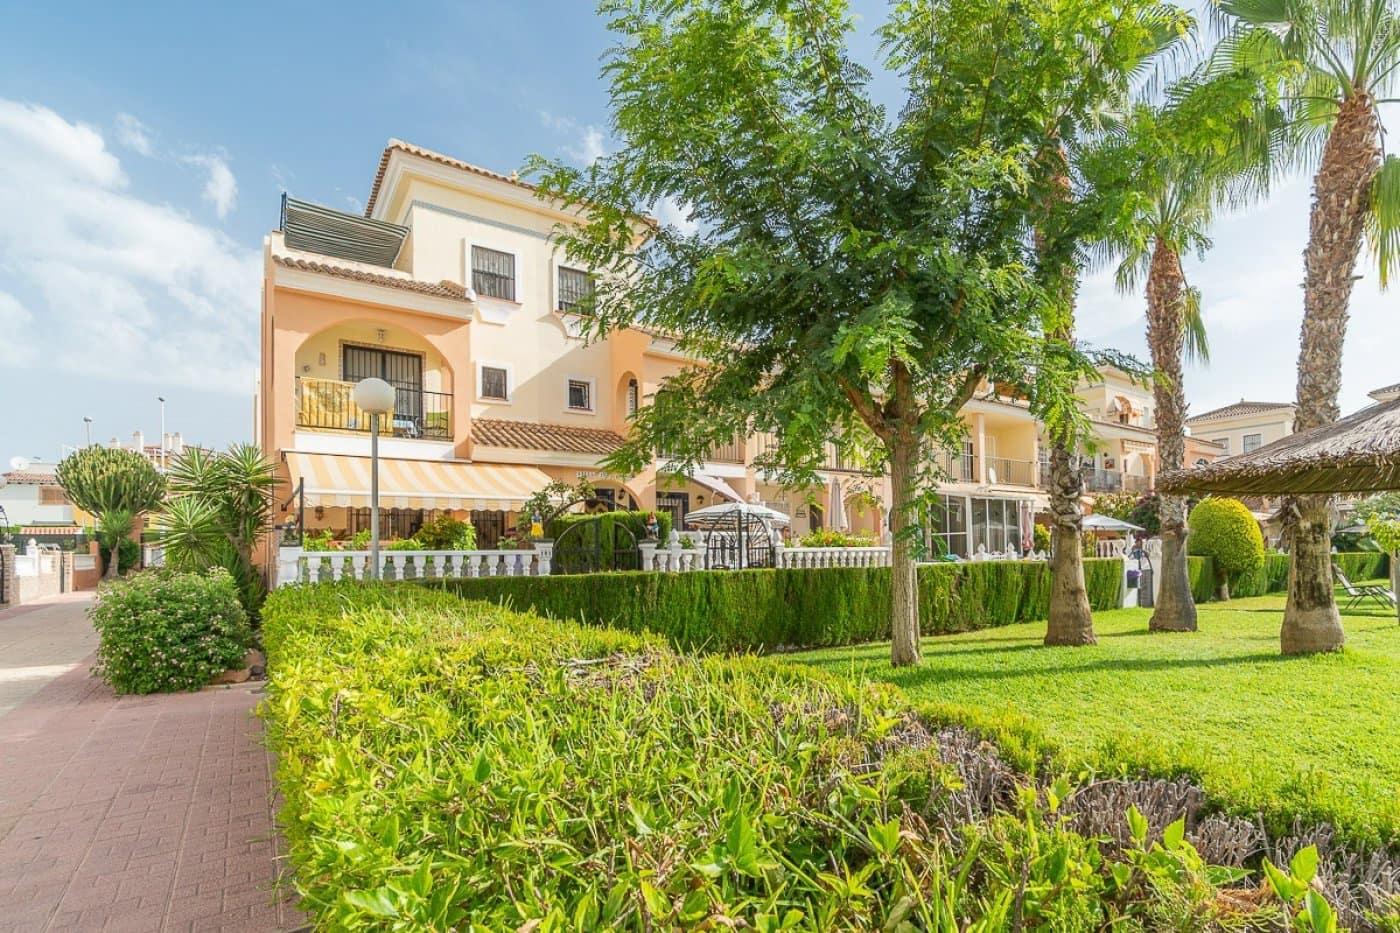 Adosado de 3 habitaciones en Playa Flamenca en venta con piscina - 165.000 € (Ref: 4920320)